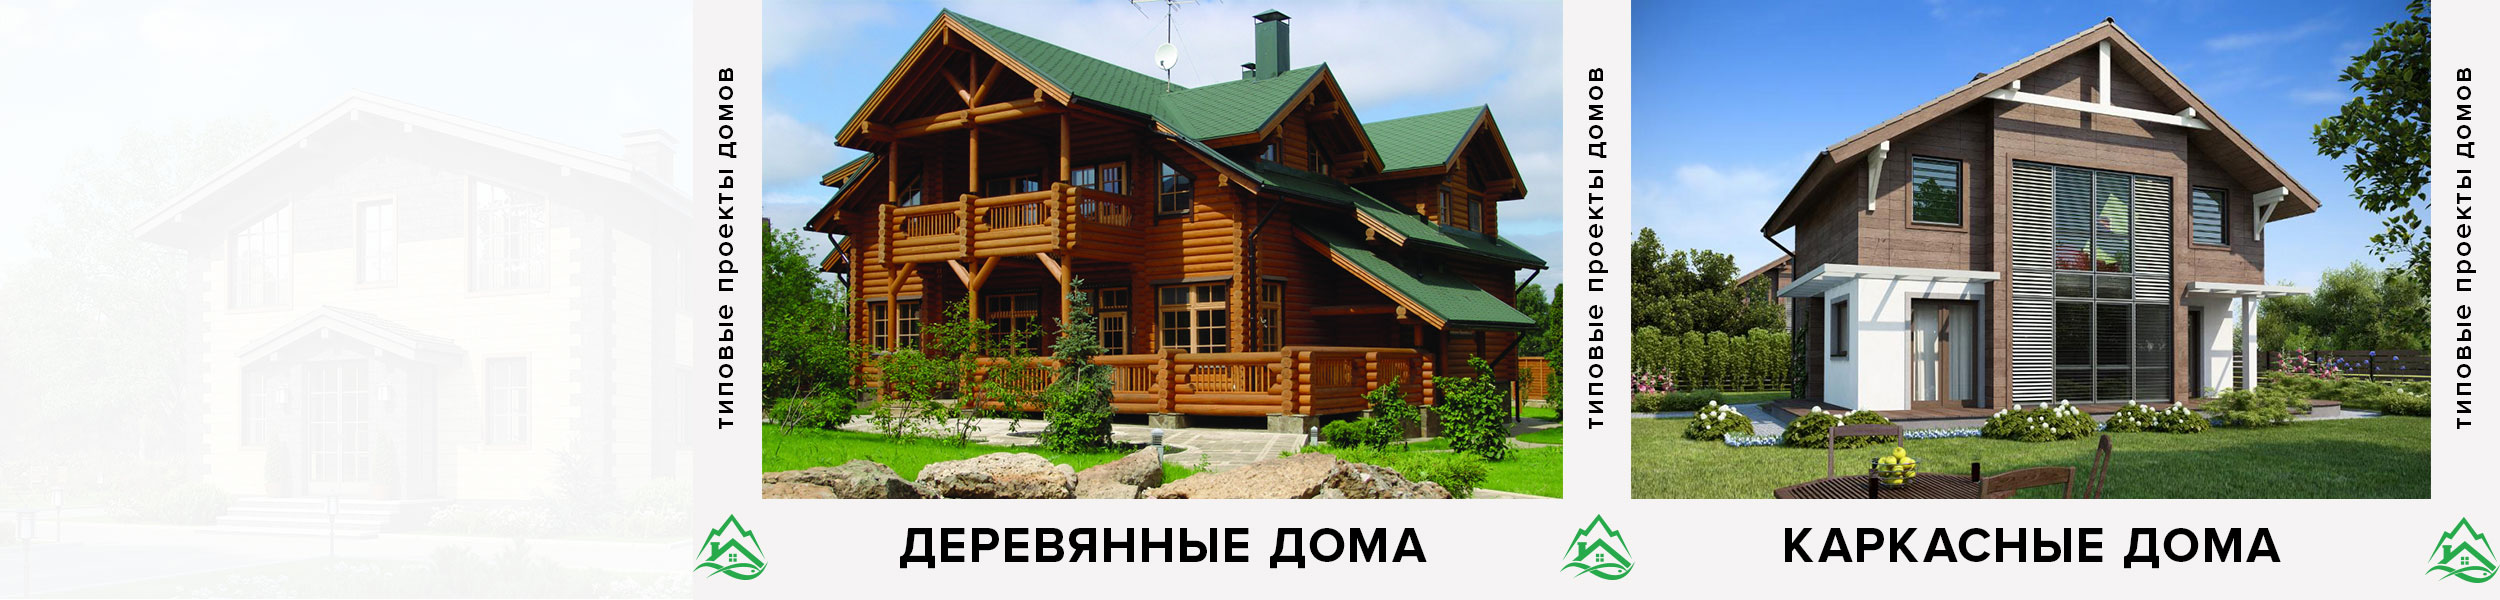 Строительство малоэтажных домов в Красноярске